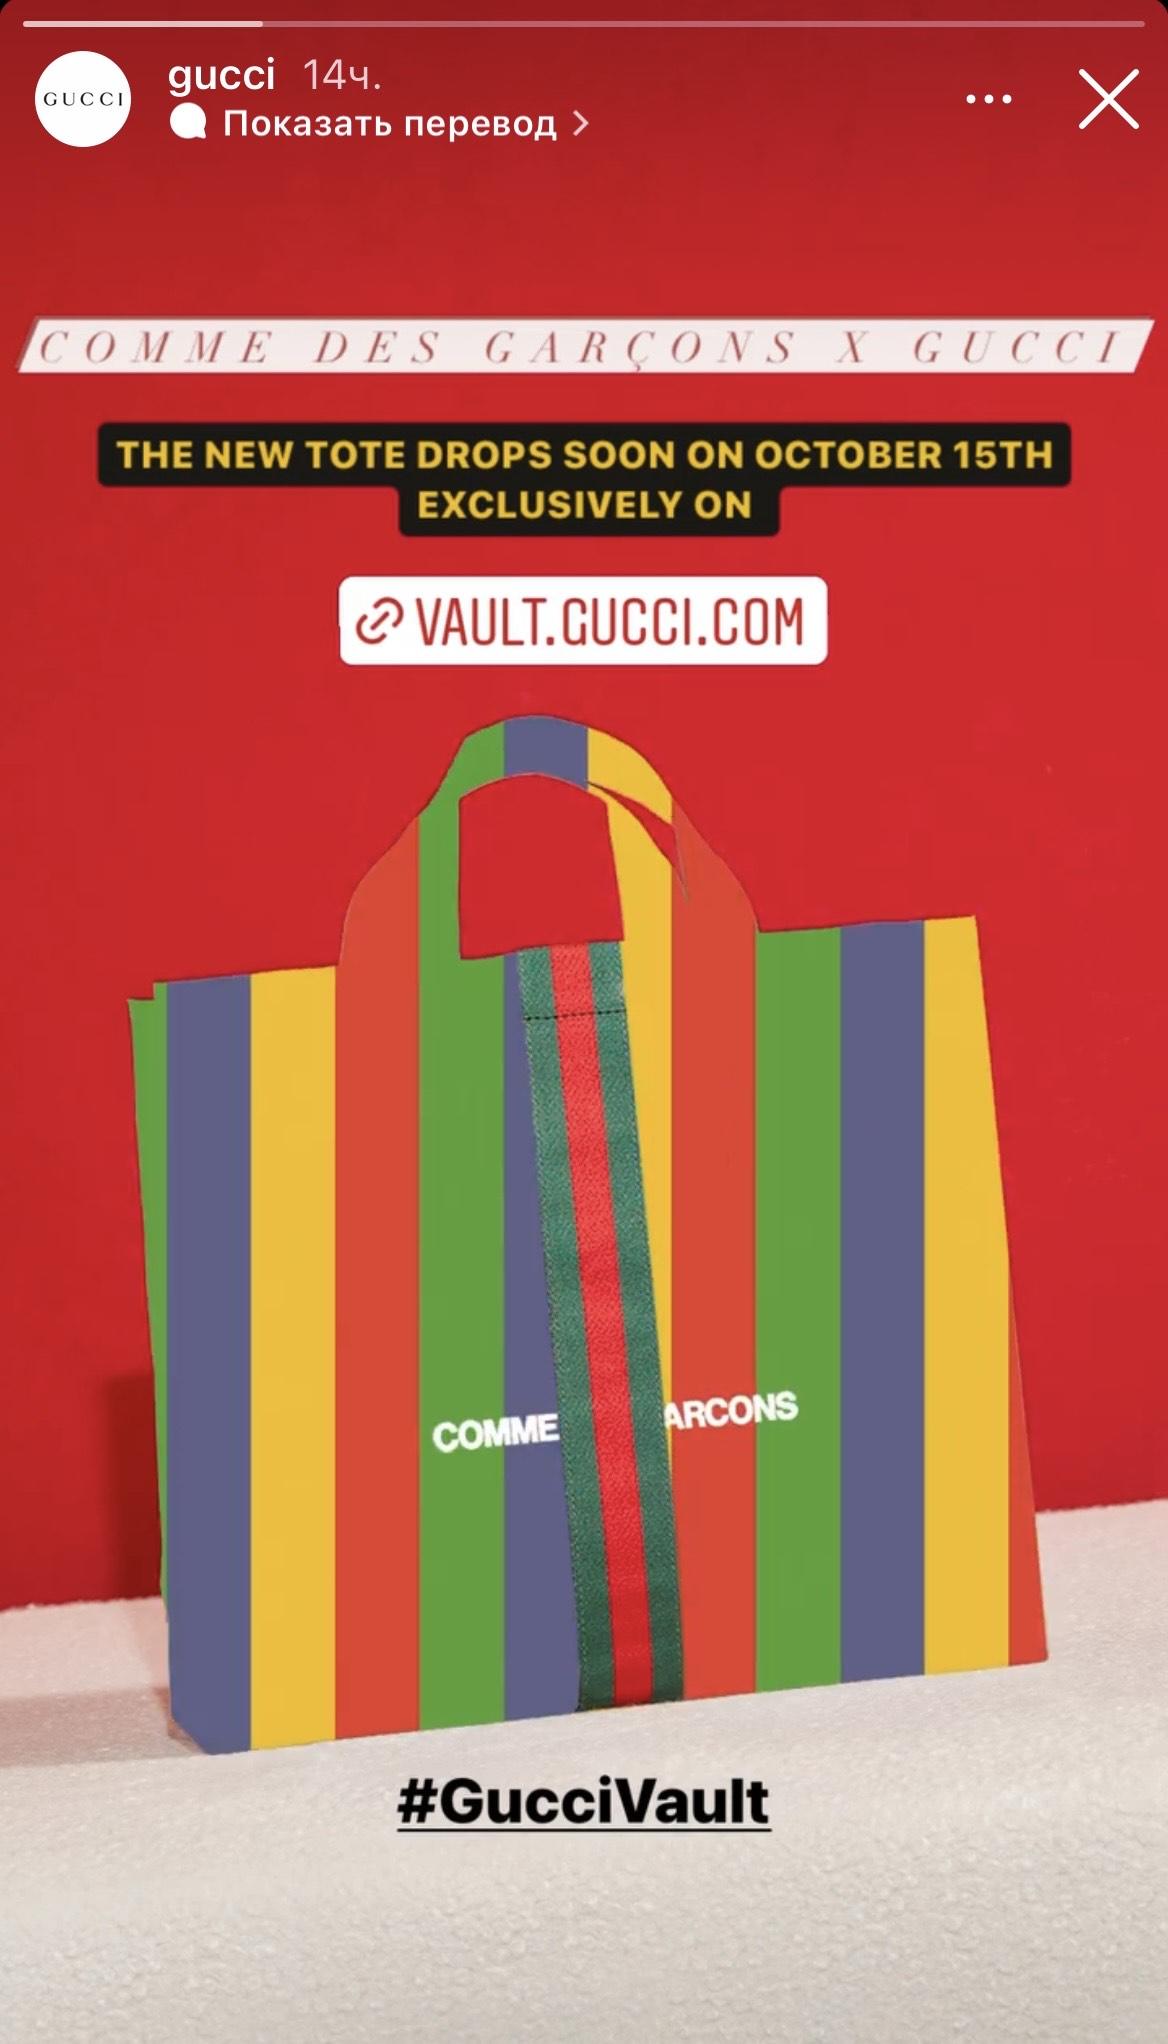 Бренд Gucci создал коллаборацию с Comme des Garçons, посвященную своему 100-летию